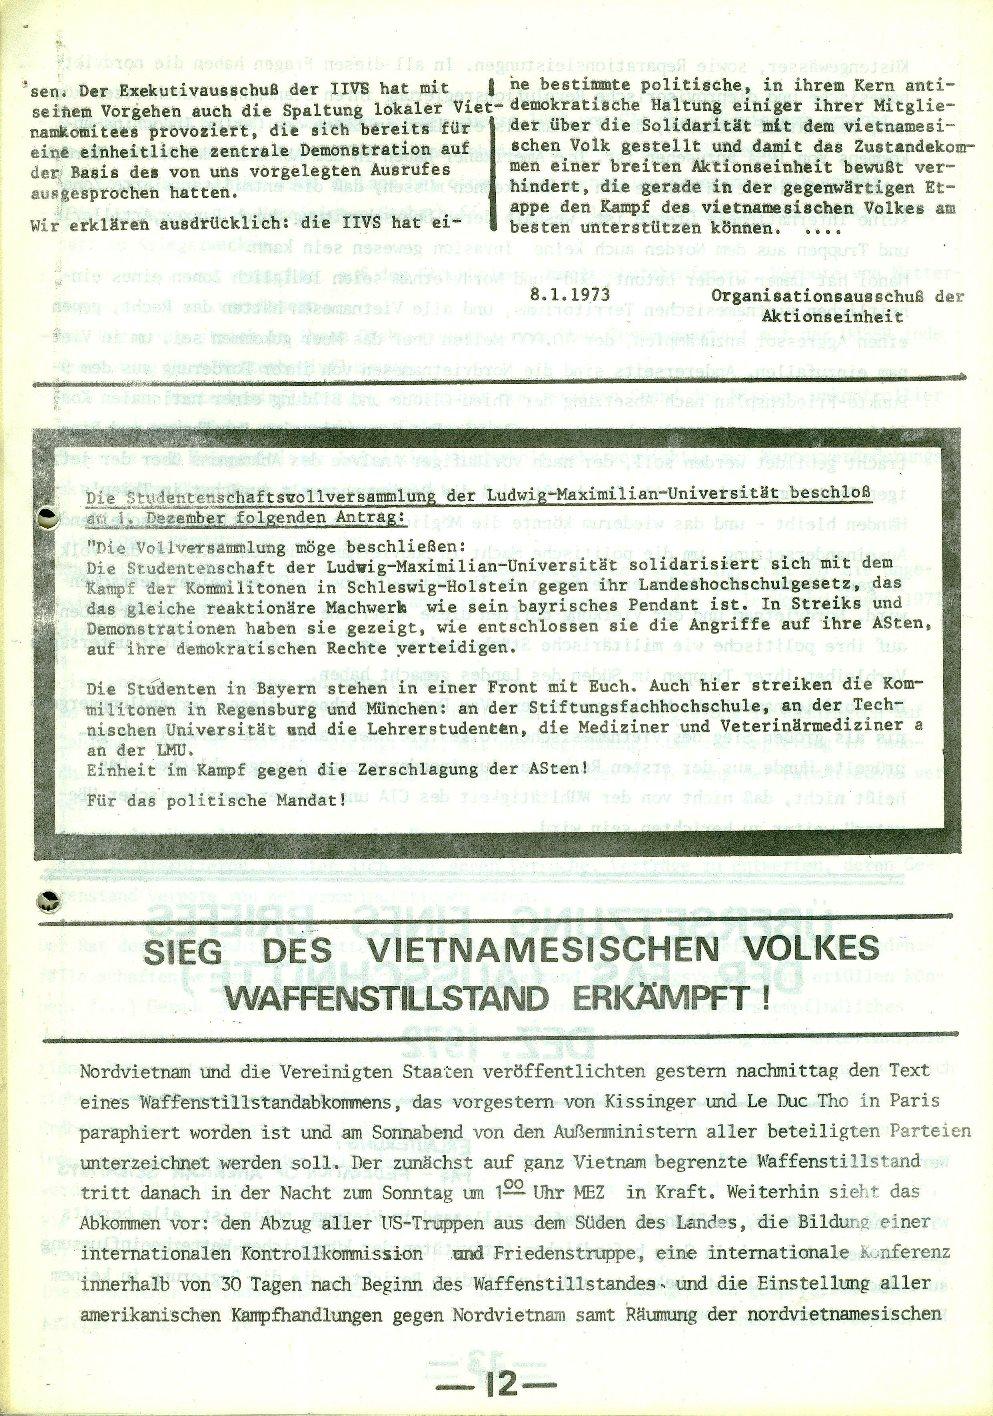 Kiel_Uni573